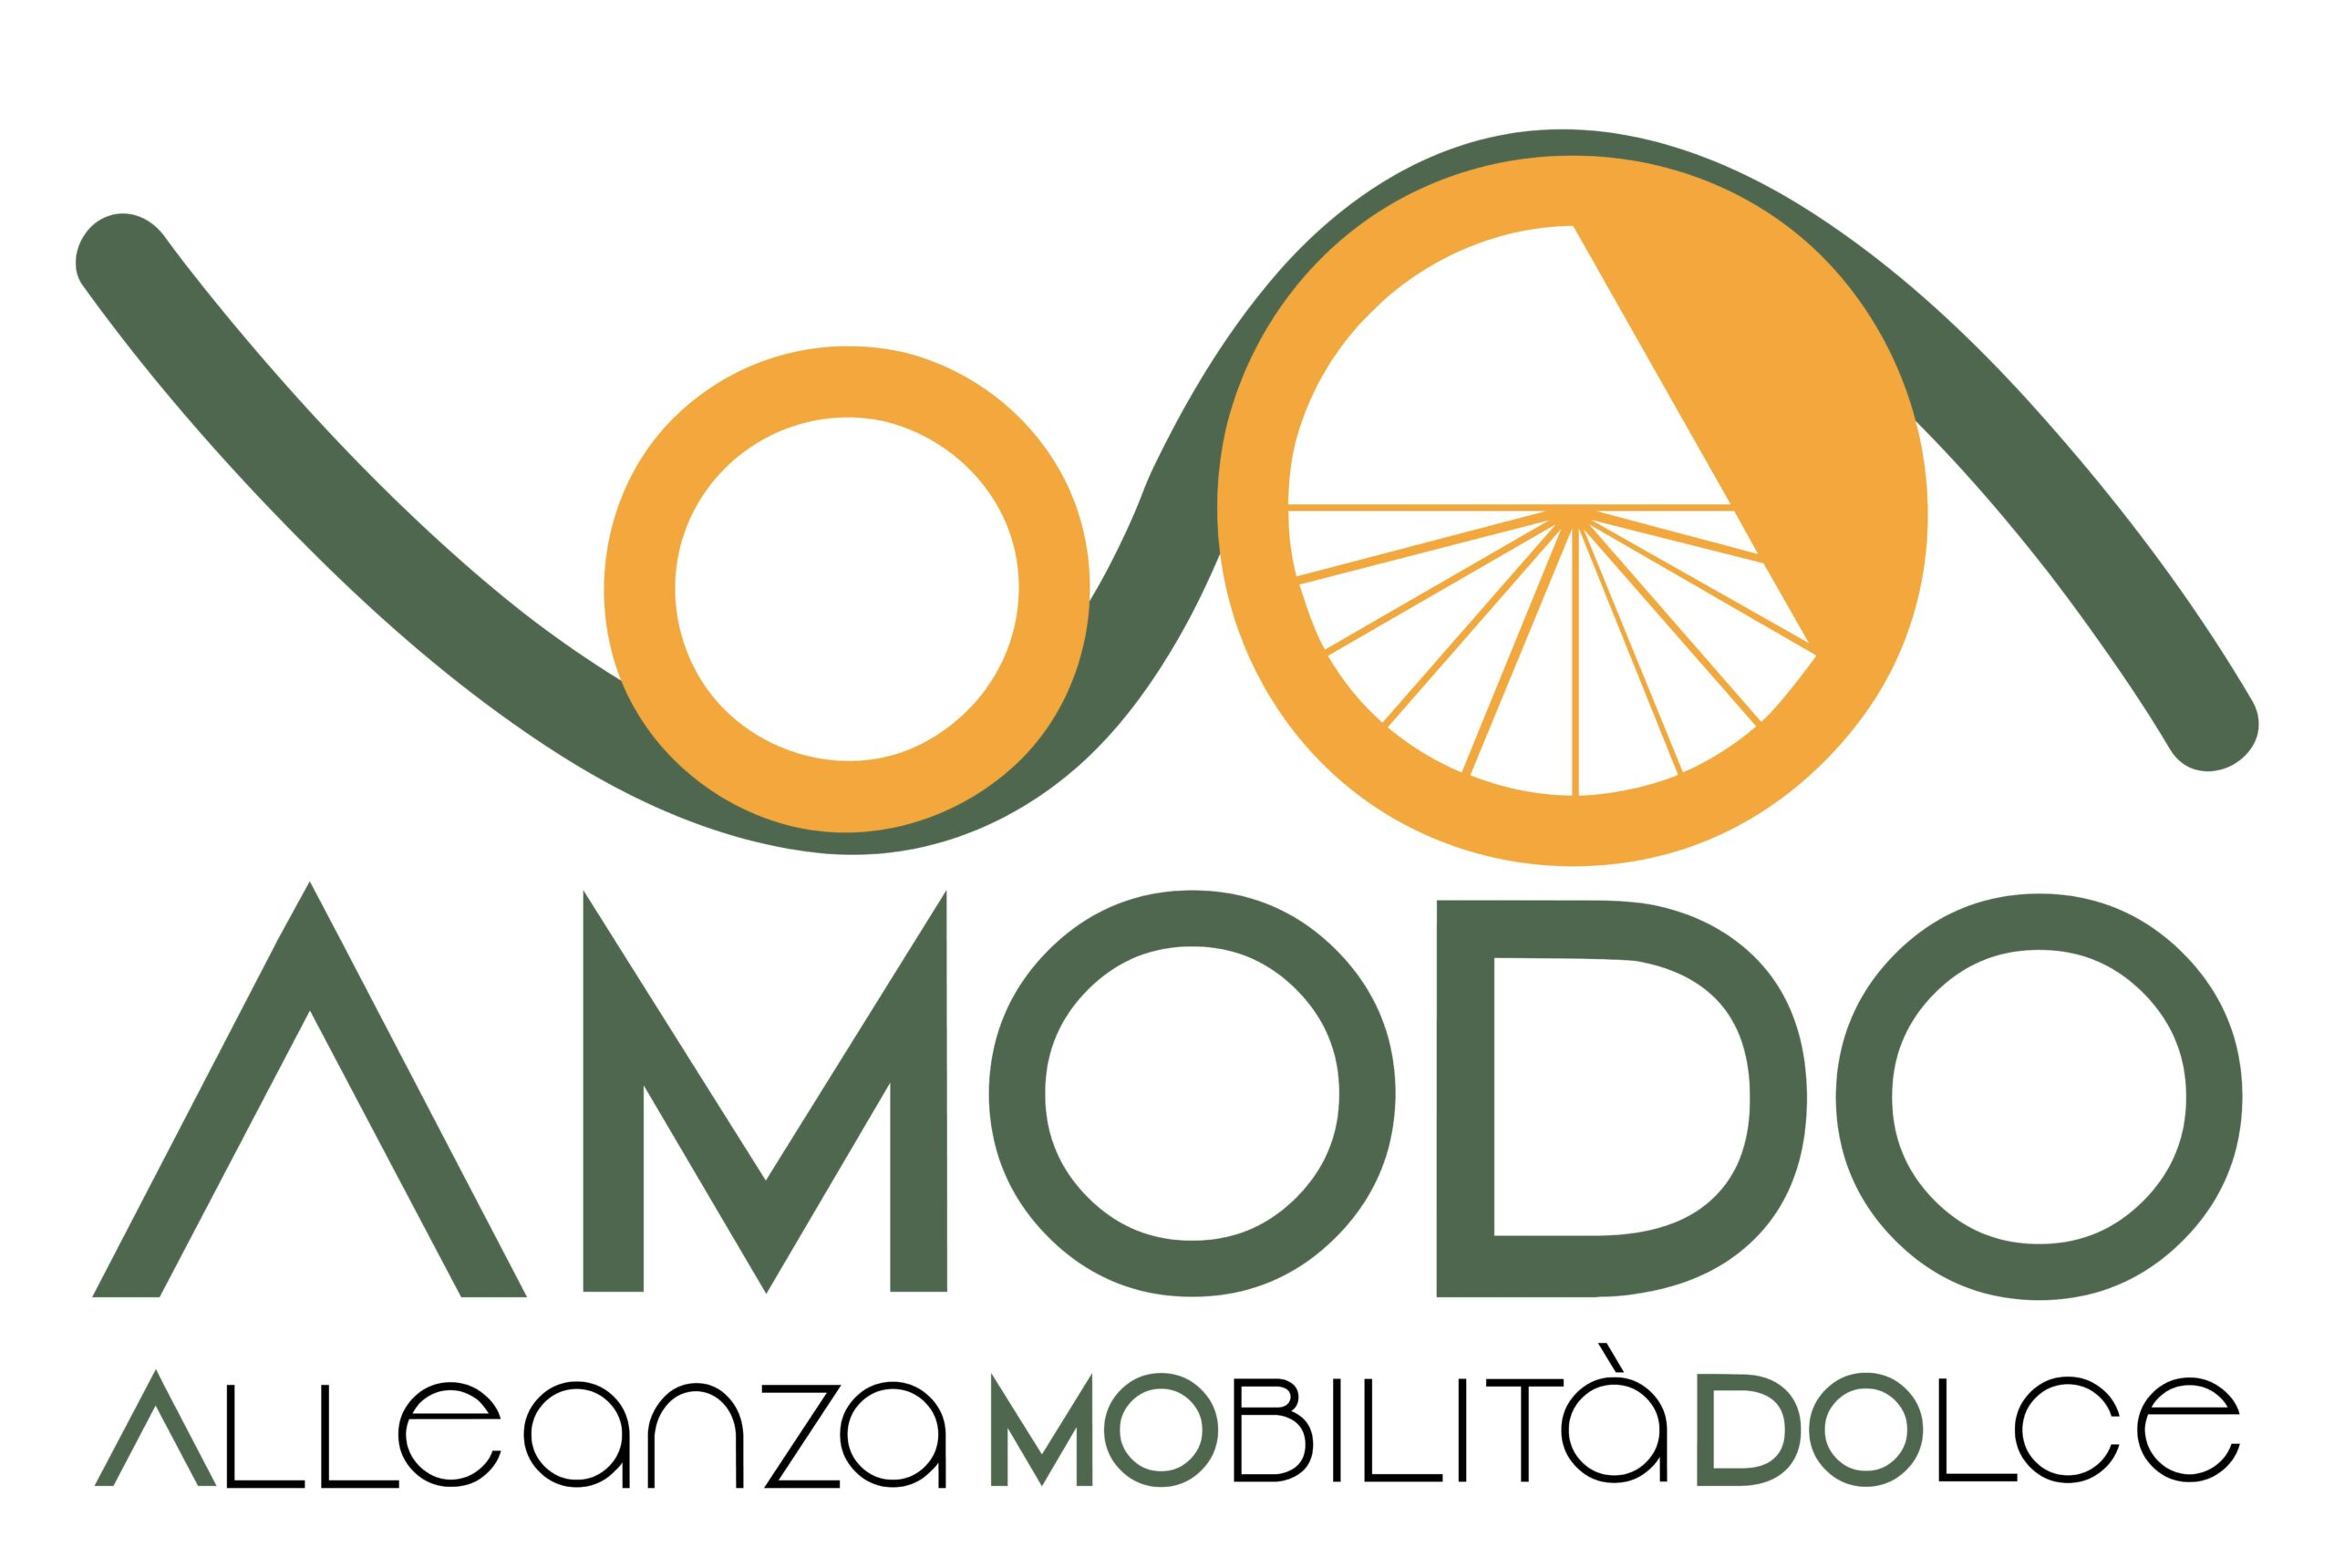 AMODO Alleanza per Mobilità Dolce